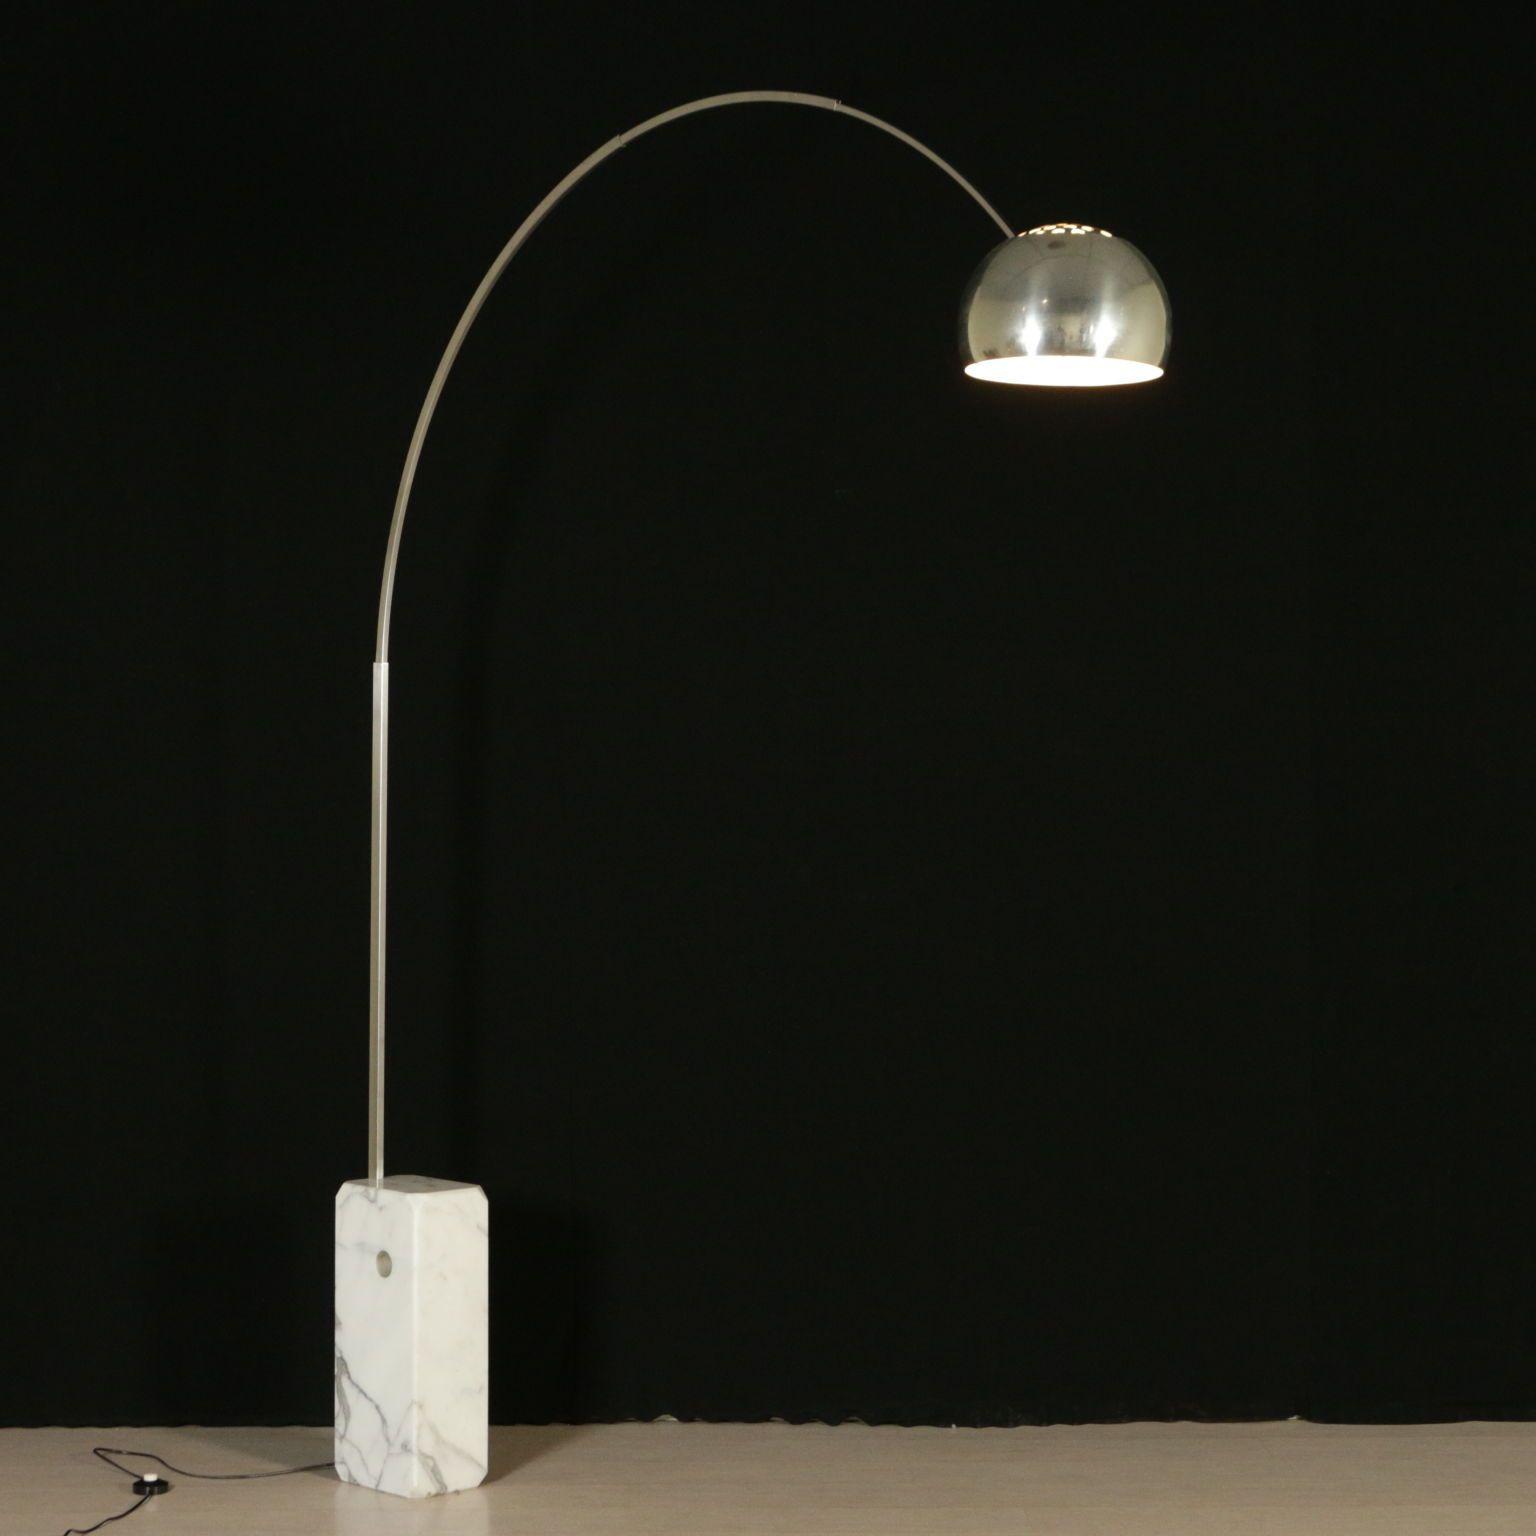 Lampada Arco Castiglioni Prezzo.Lampada Arco Modello Originale Progettato Nel 1962 Dai